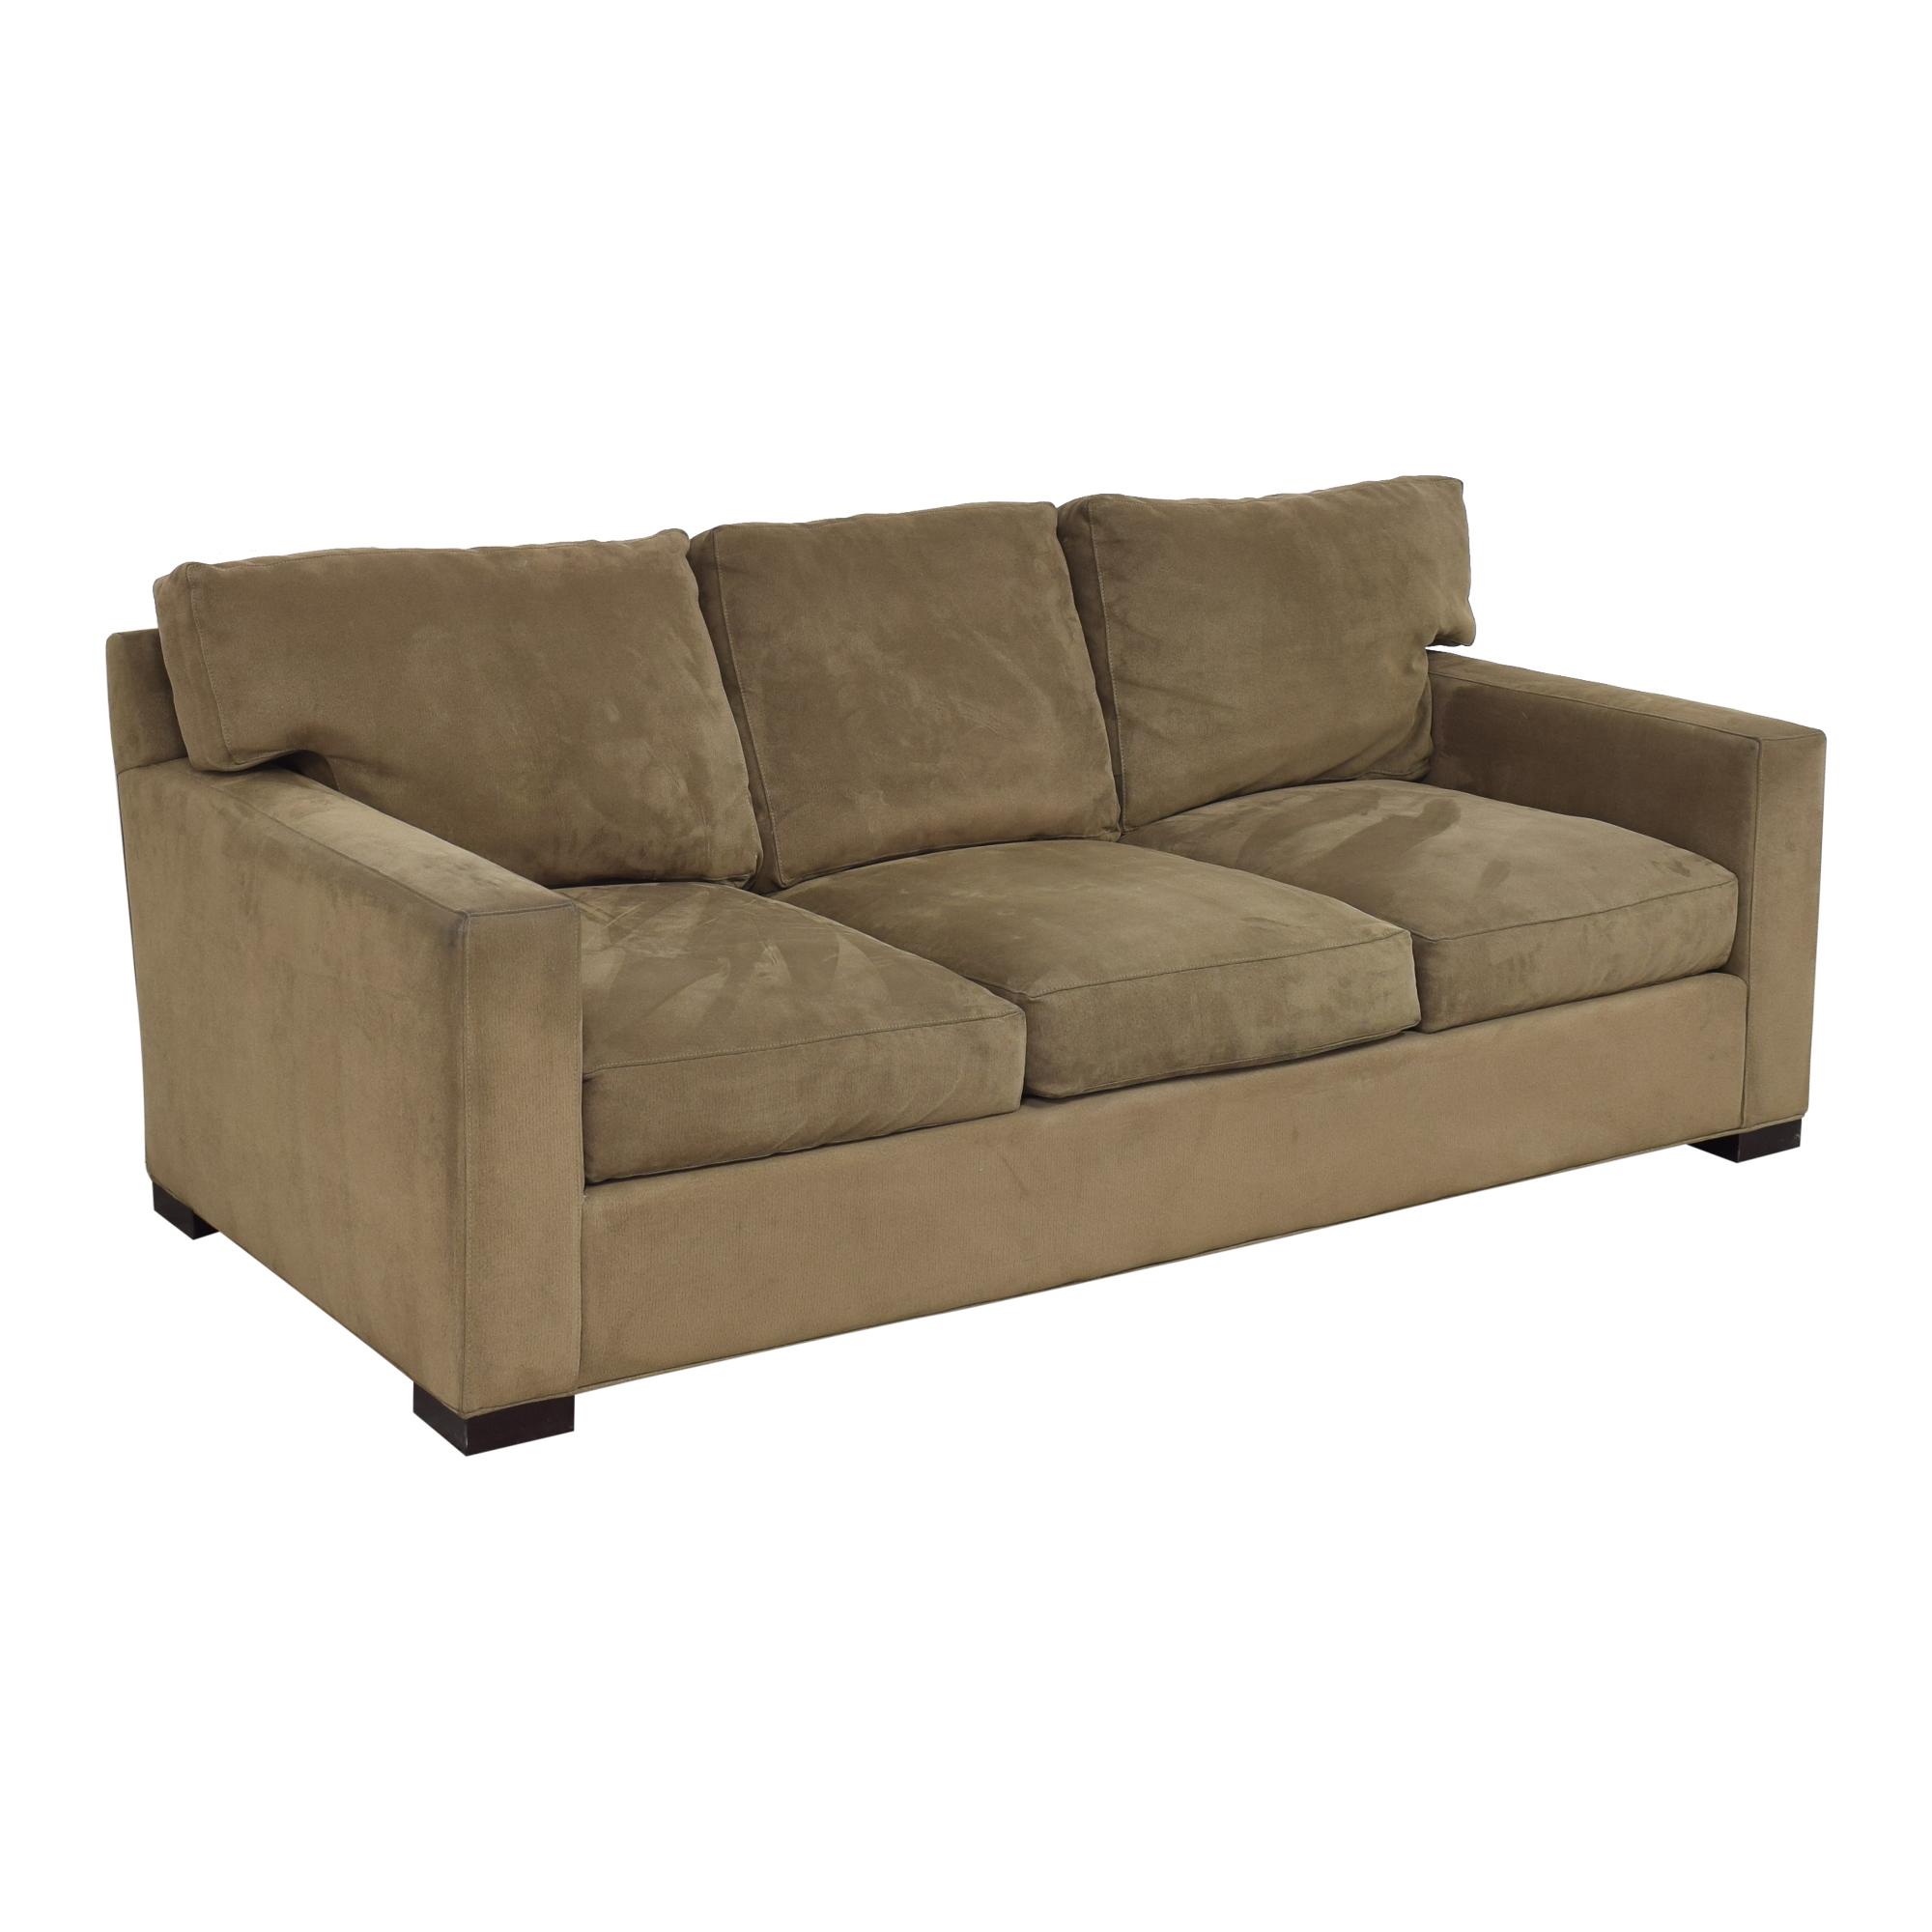 Crate & Barrel Axis Three Seat Sofa Crate & Barrel